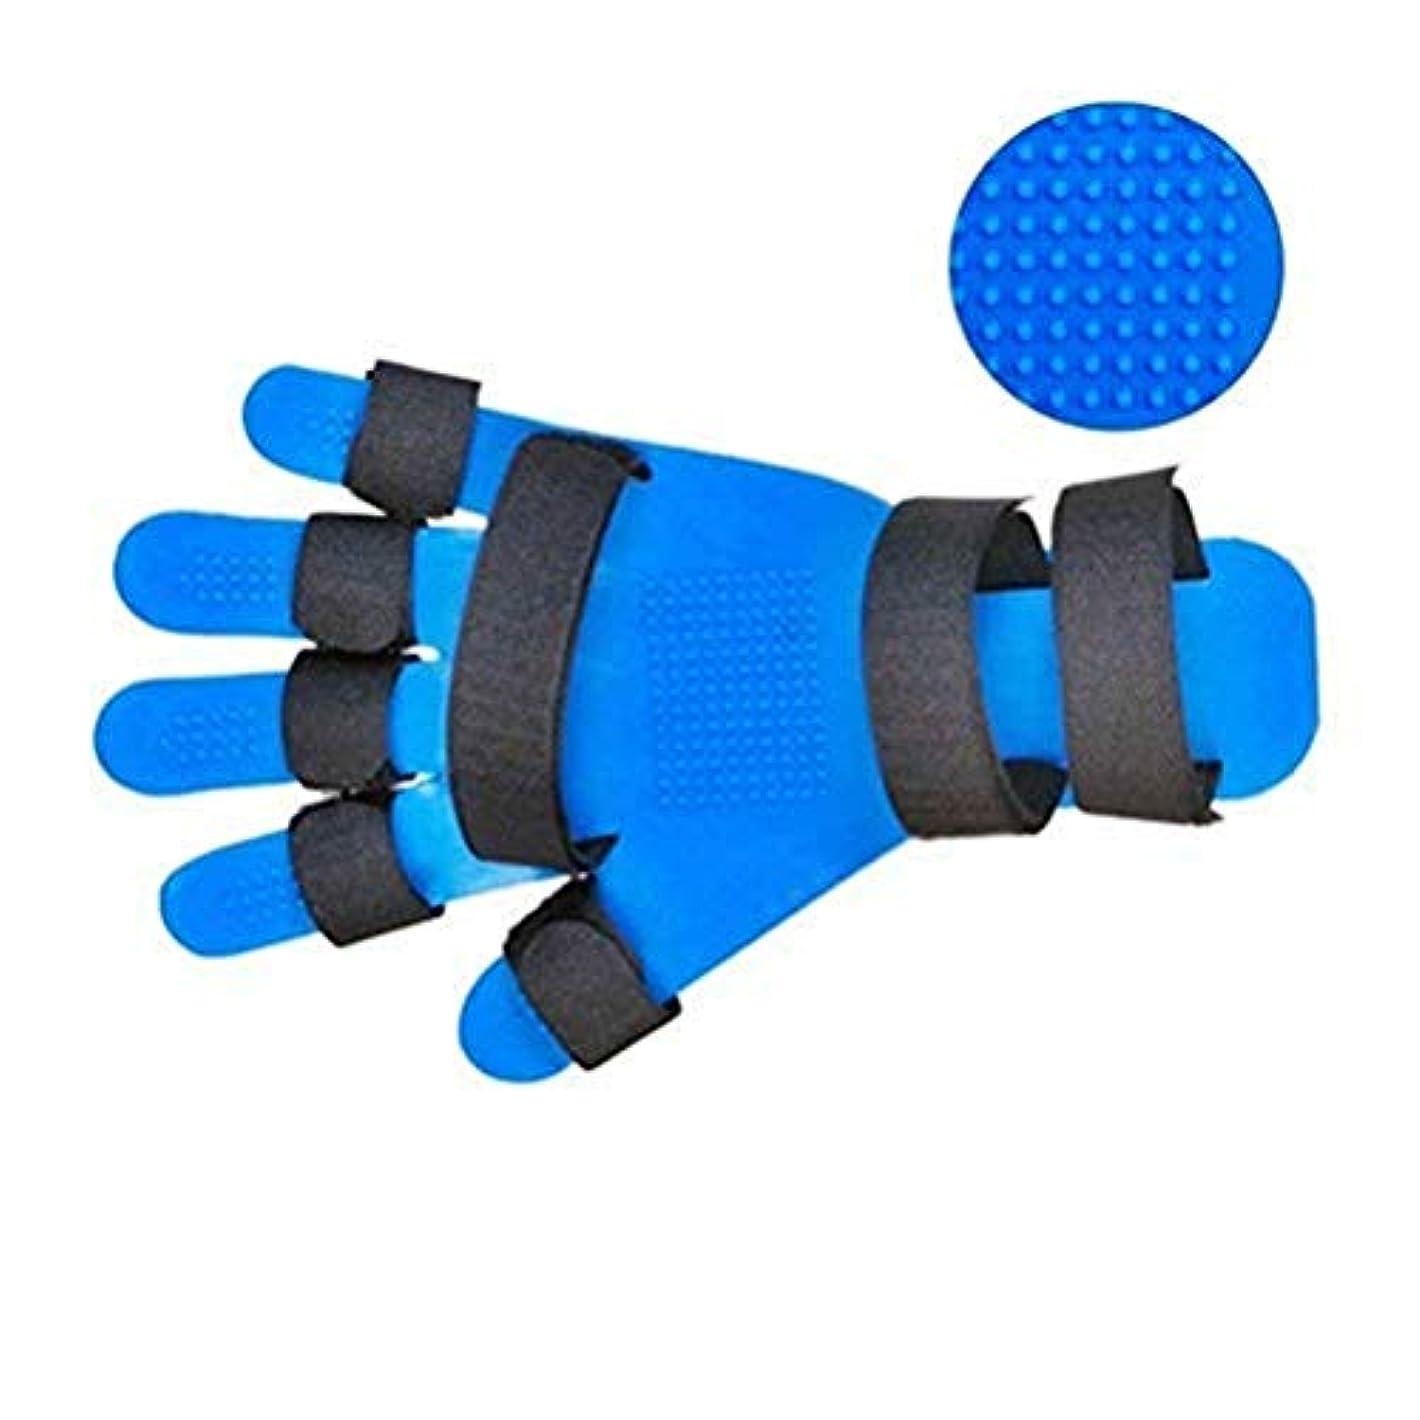 副安西合併症フィンガースプリントフィンガー拡張スプリント、指の骨折、傷、手首のトレーニング装具のために指セパレーターインソール